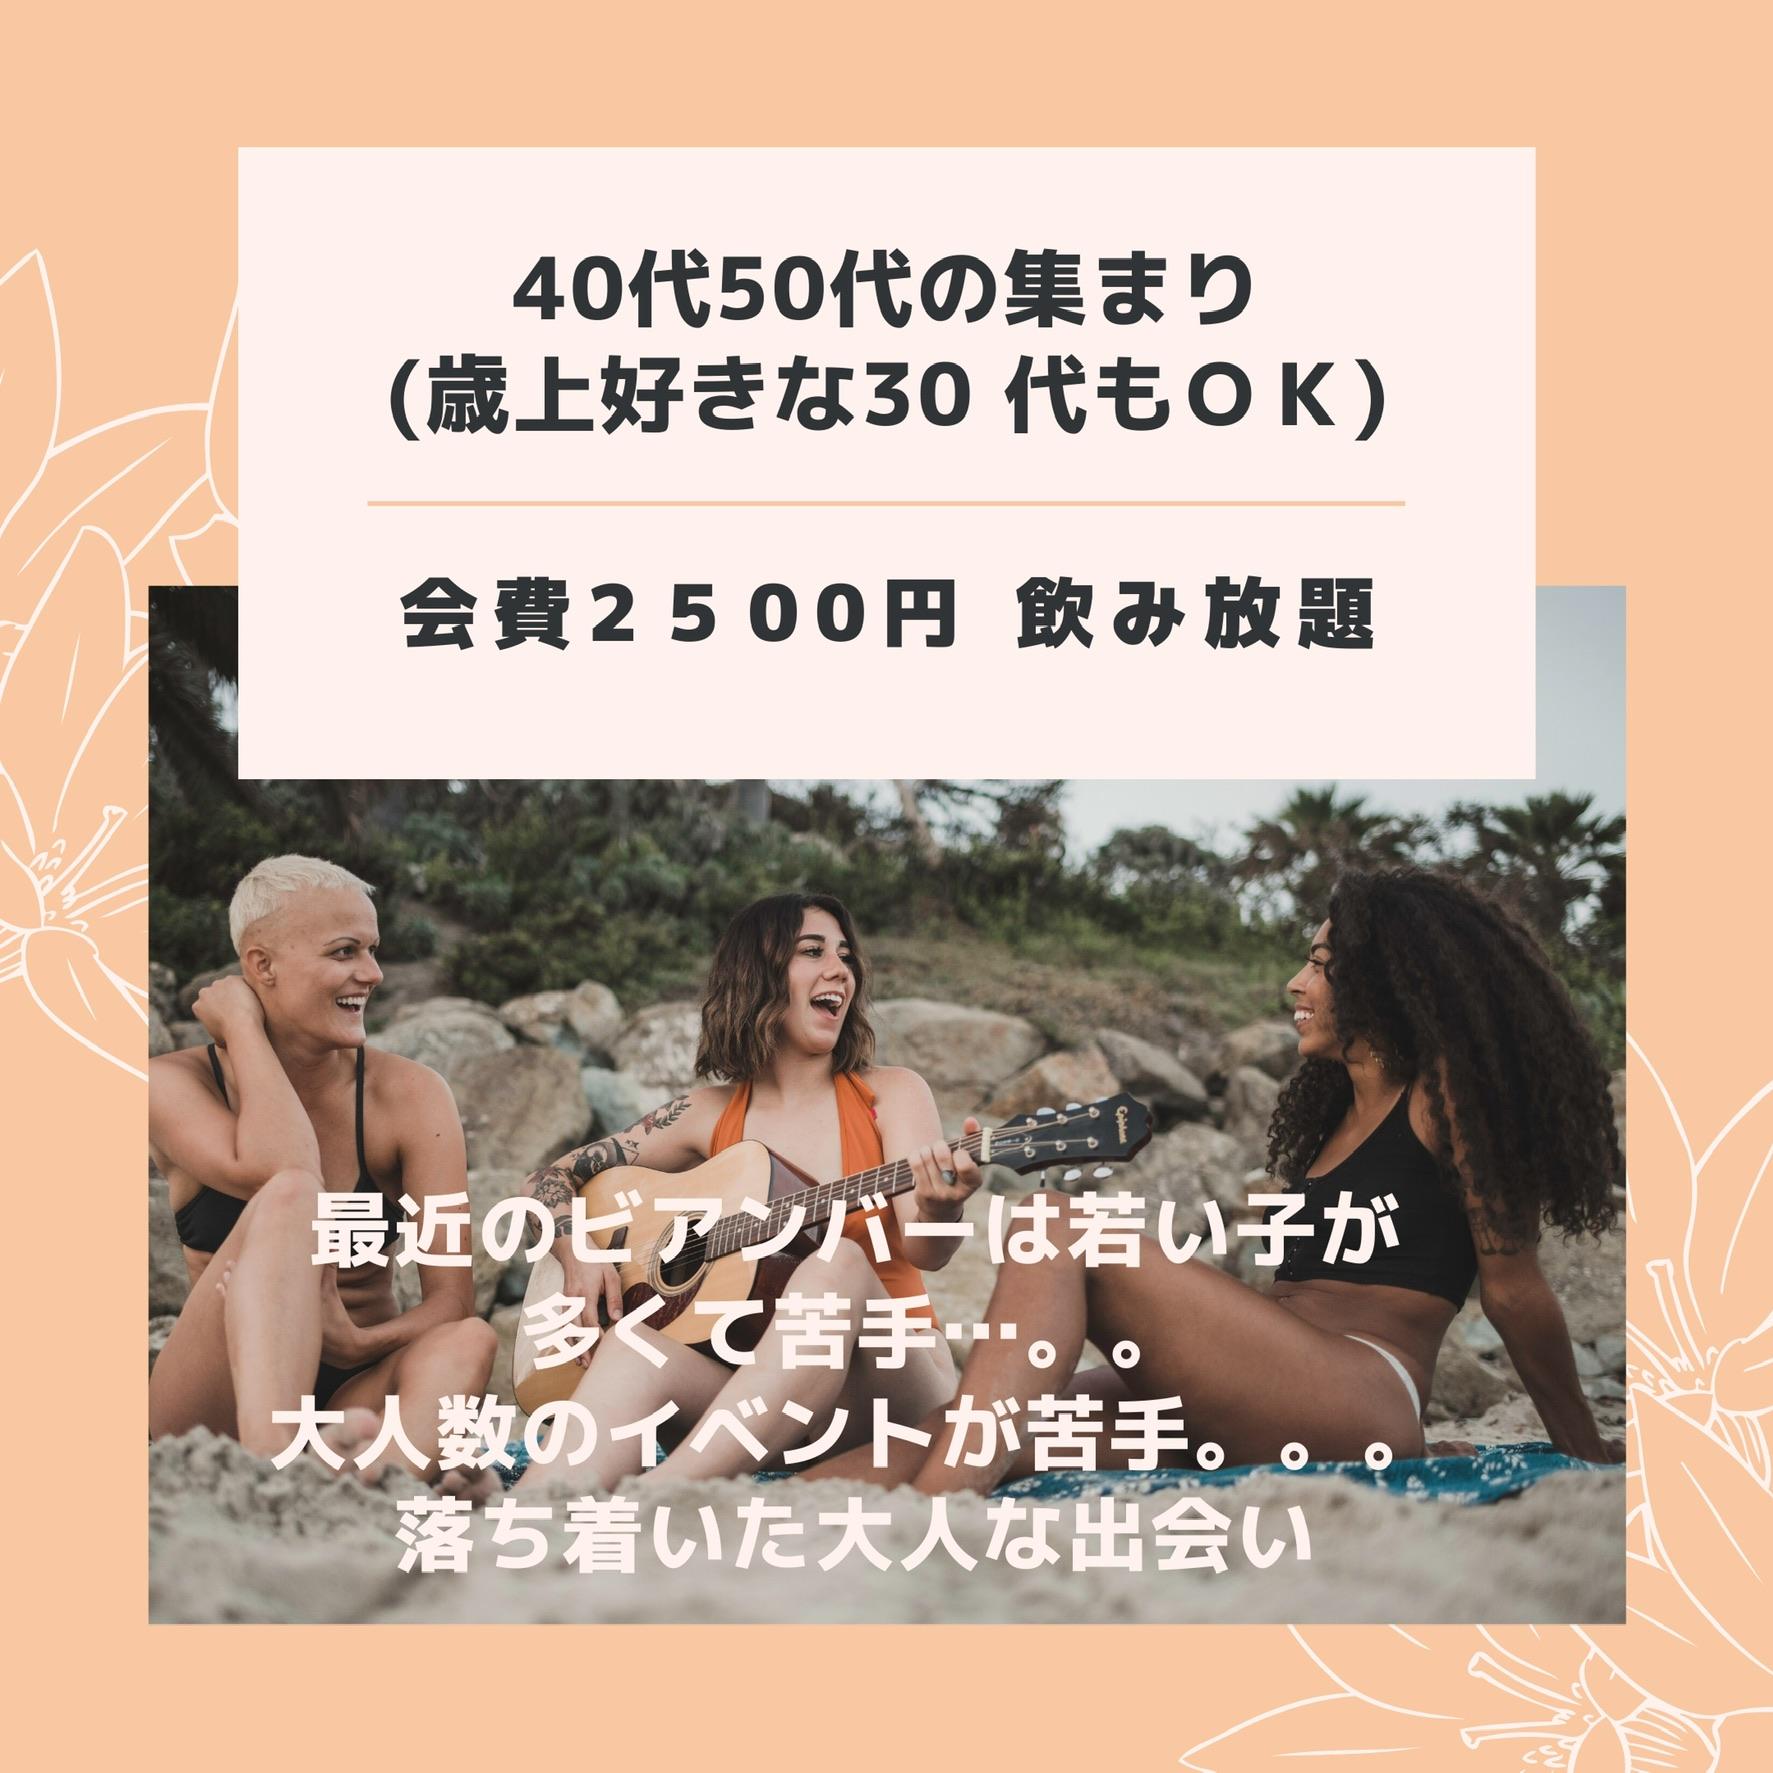 【大阪】40代50代少人数出会いオフ会